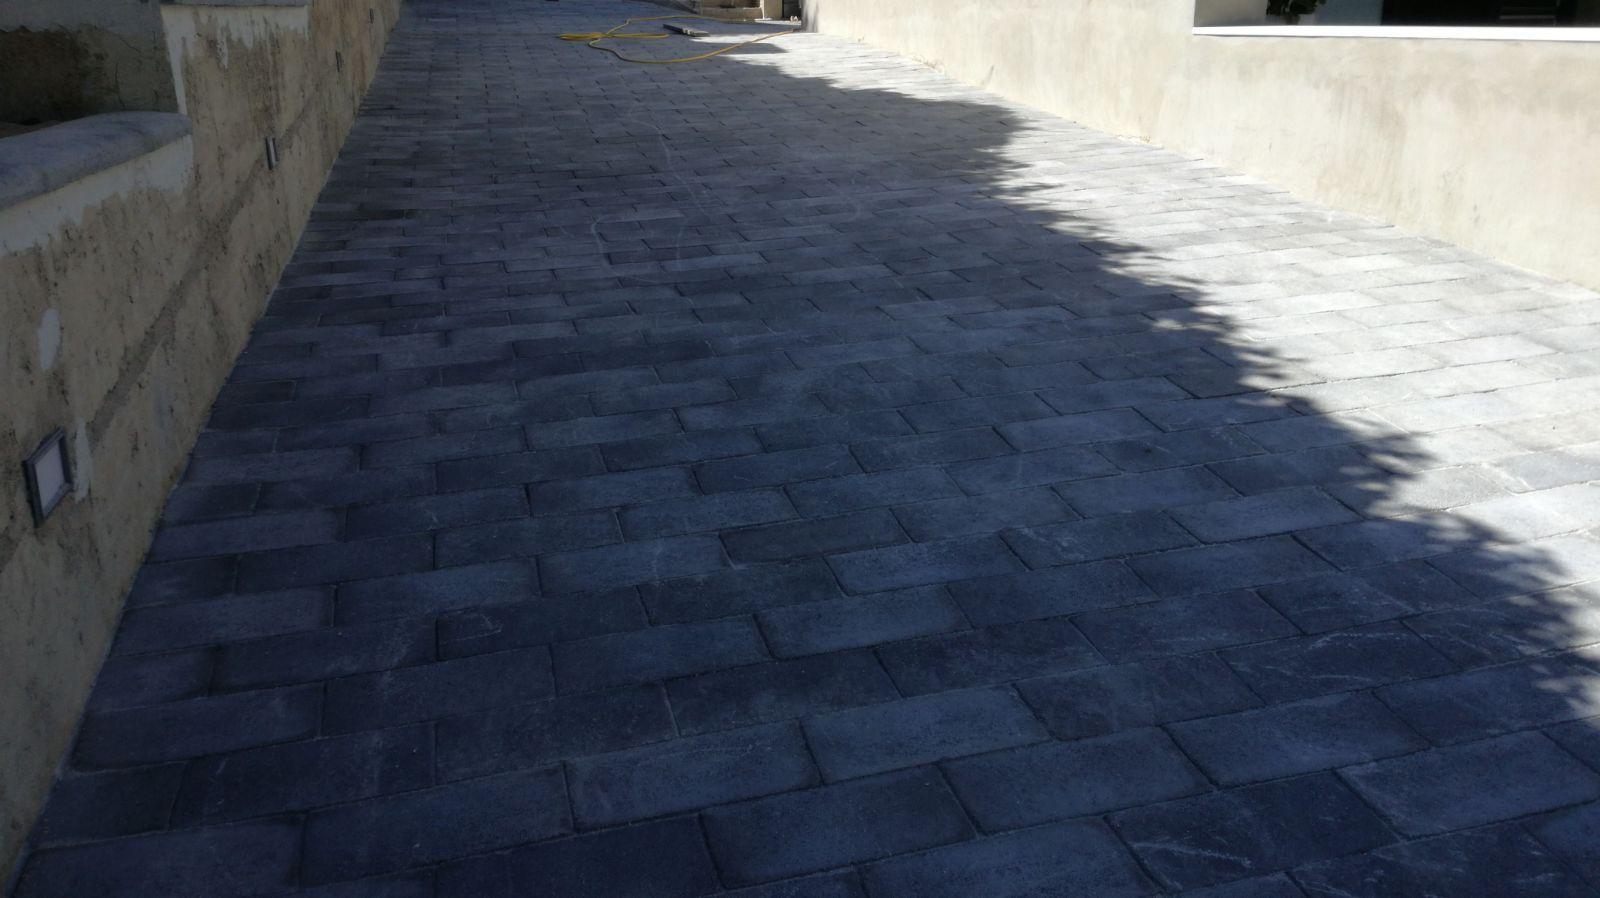 Mattonelle Di Cemento Pressato : Pavimenti in cemento vibrati manufatti in cemento fortunato